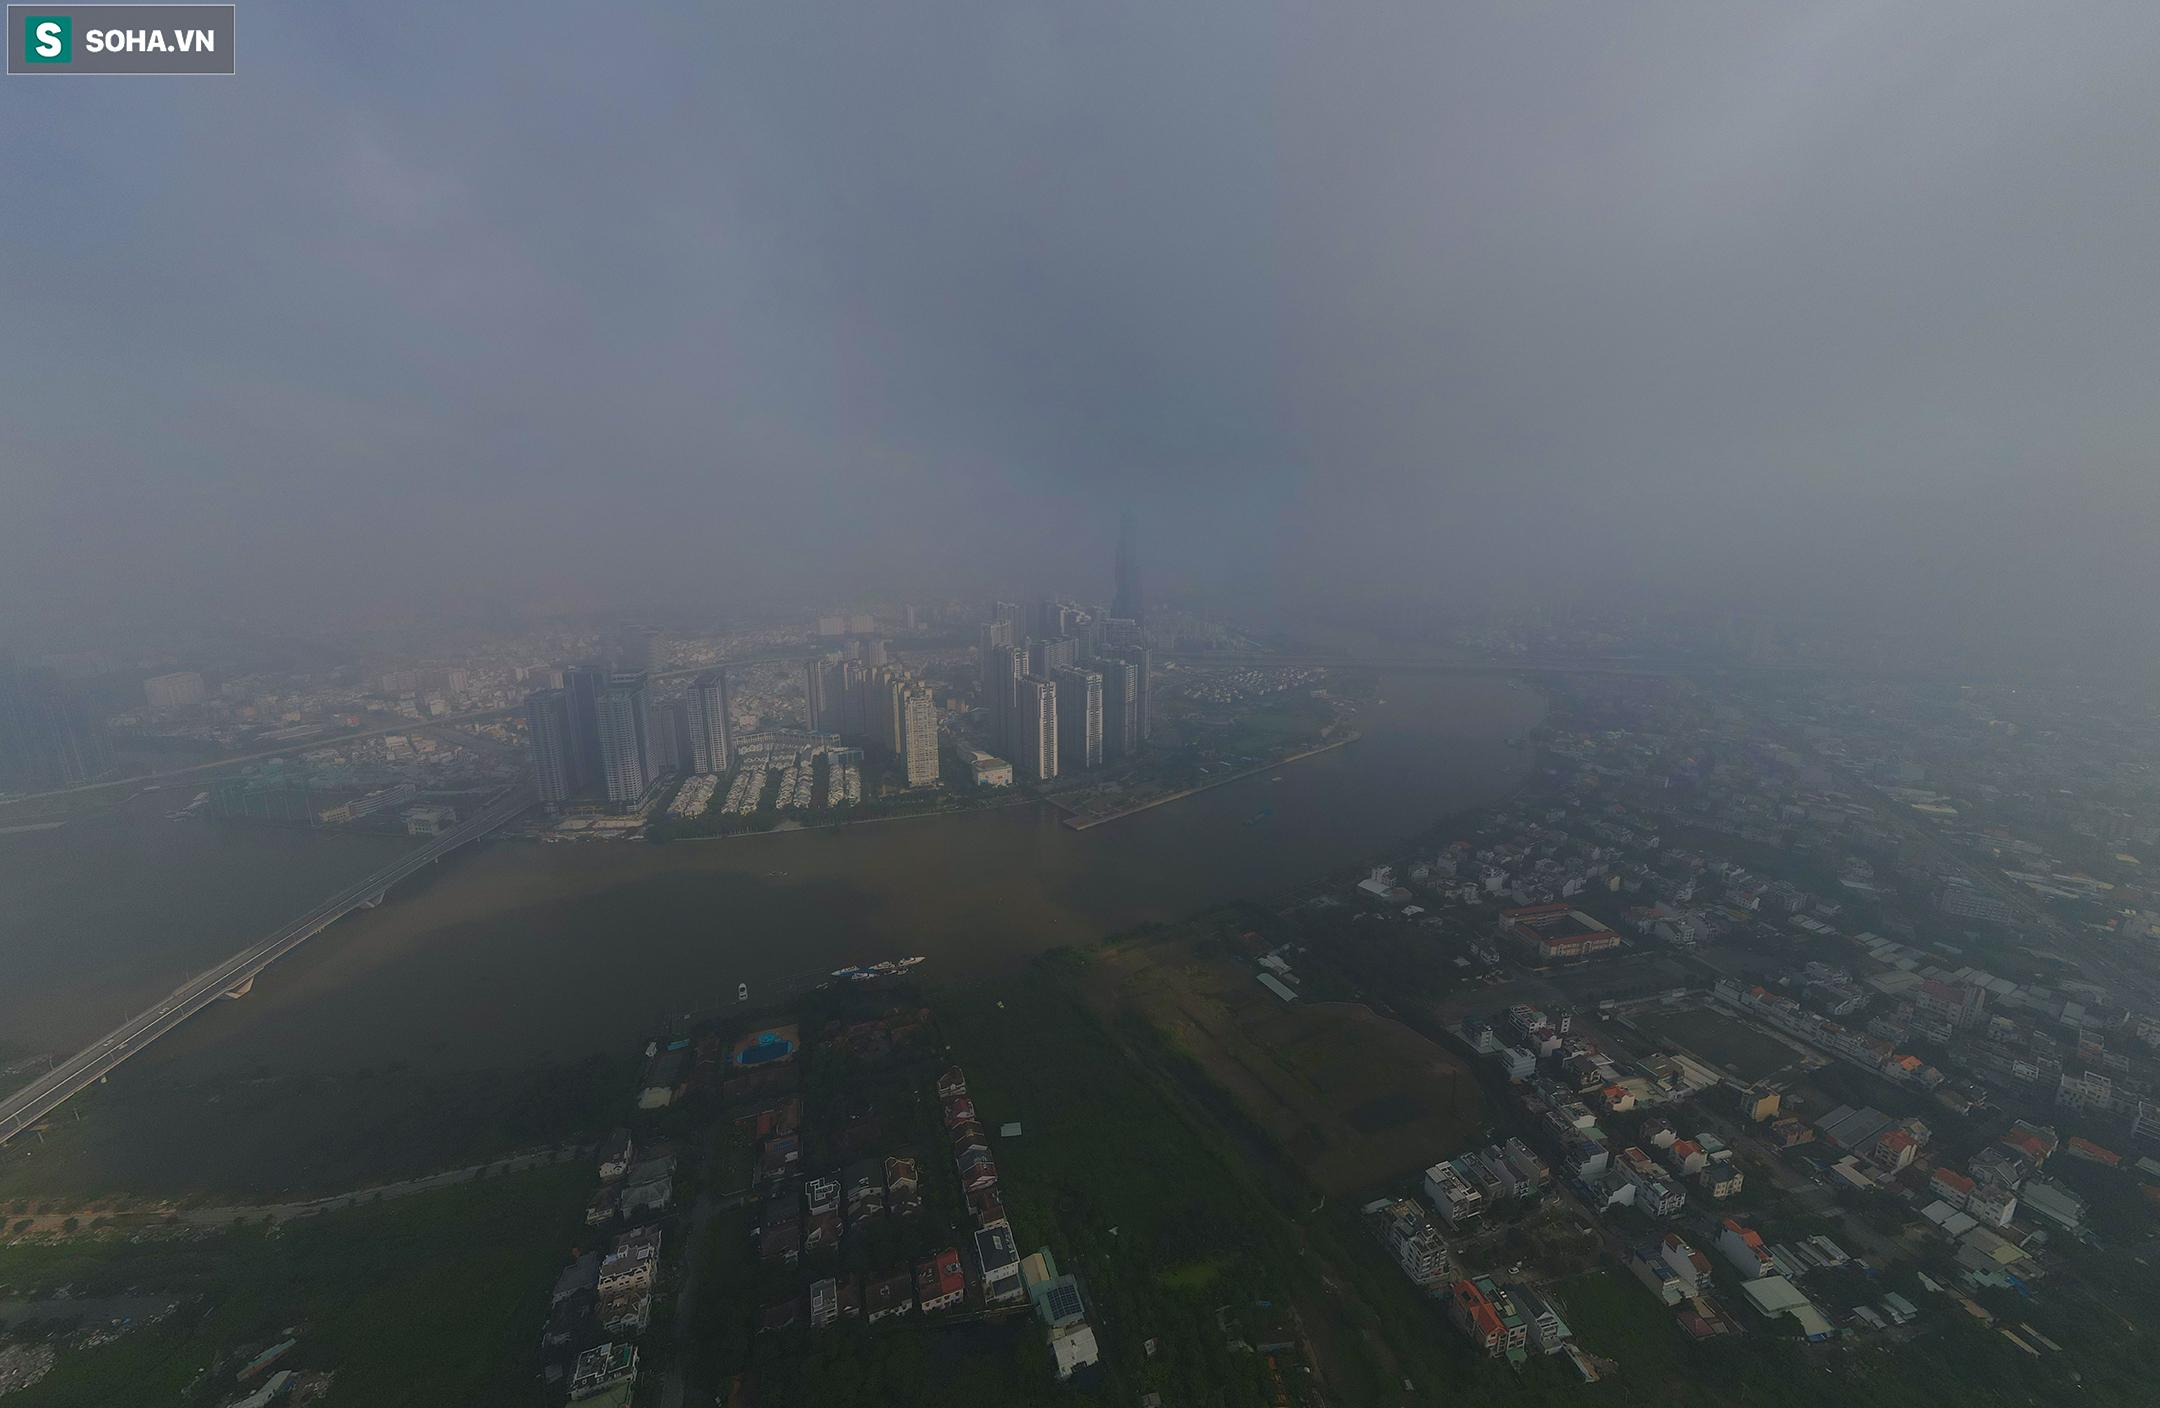 [Ảnh] Chất lượng không khí báo động đỏ, nhiều toà cao ốc ở TP.HCM bất ngờ biến mất trong sáng đầu tuần - Ảnh 6.